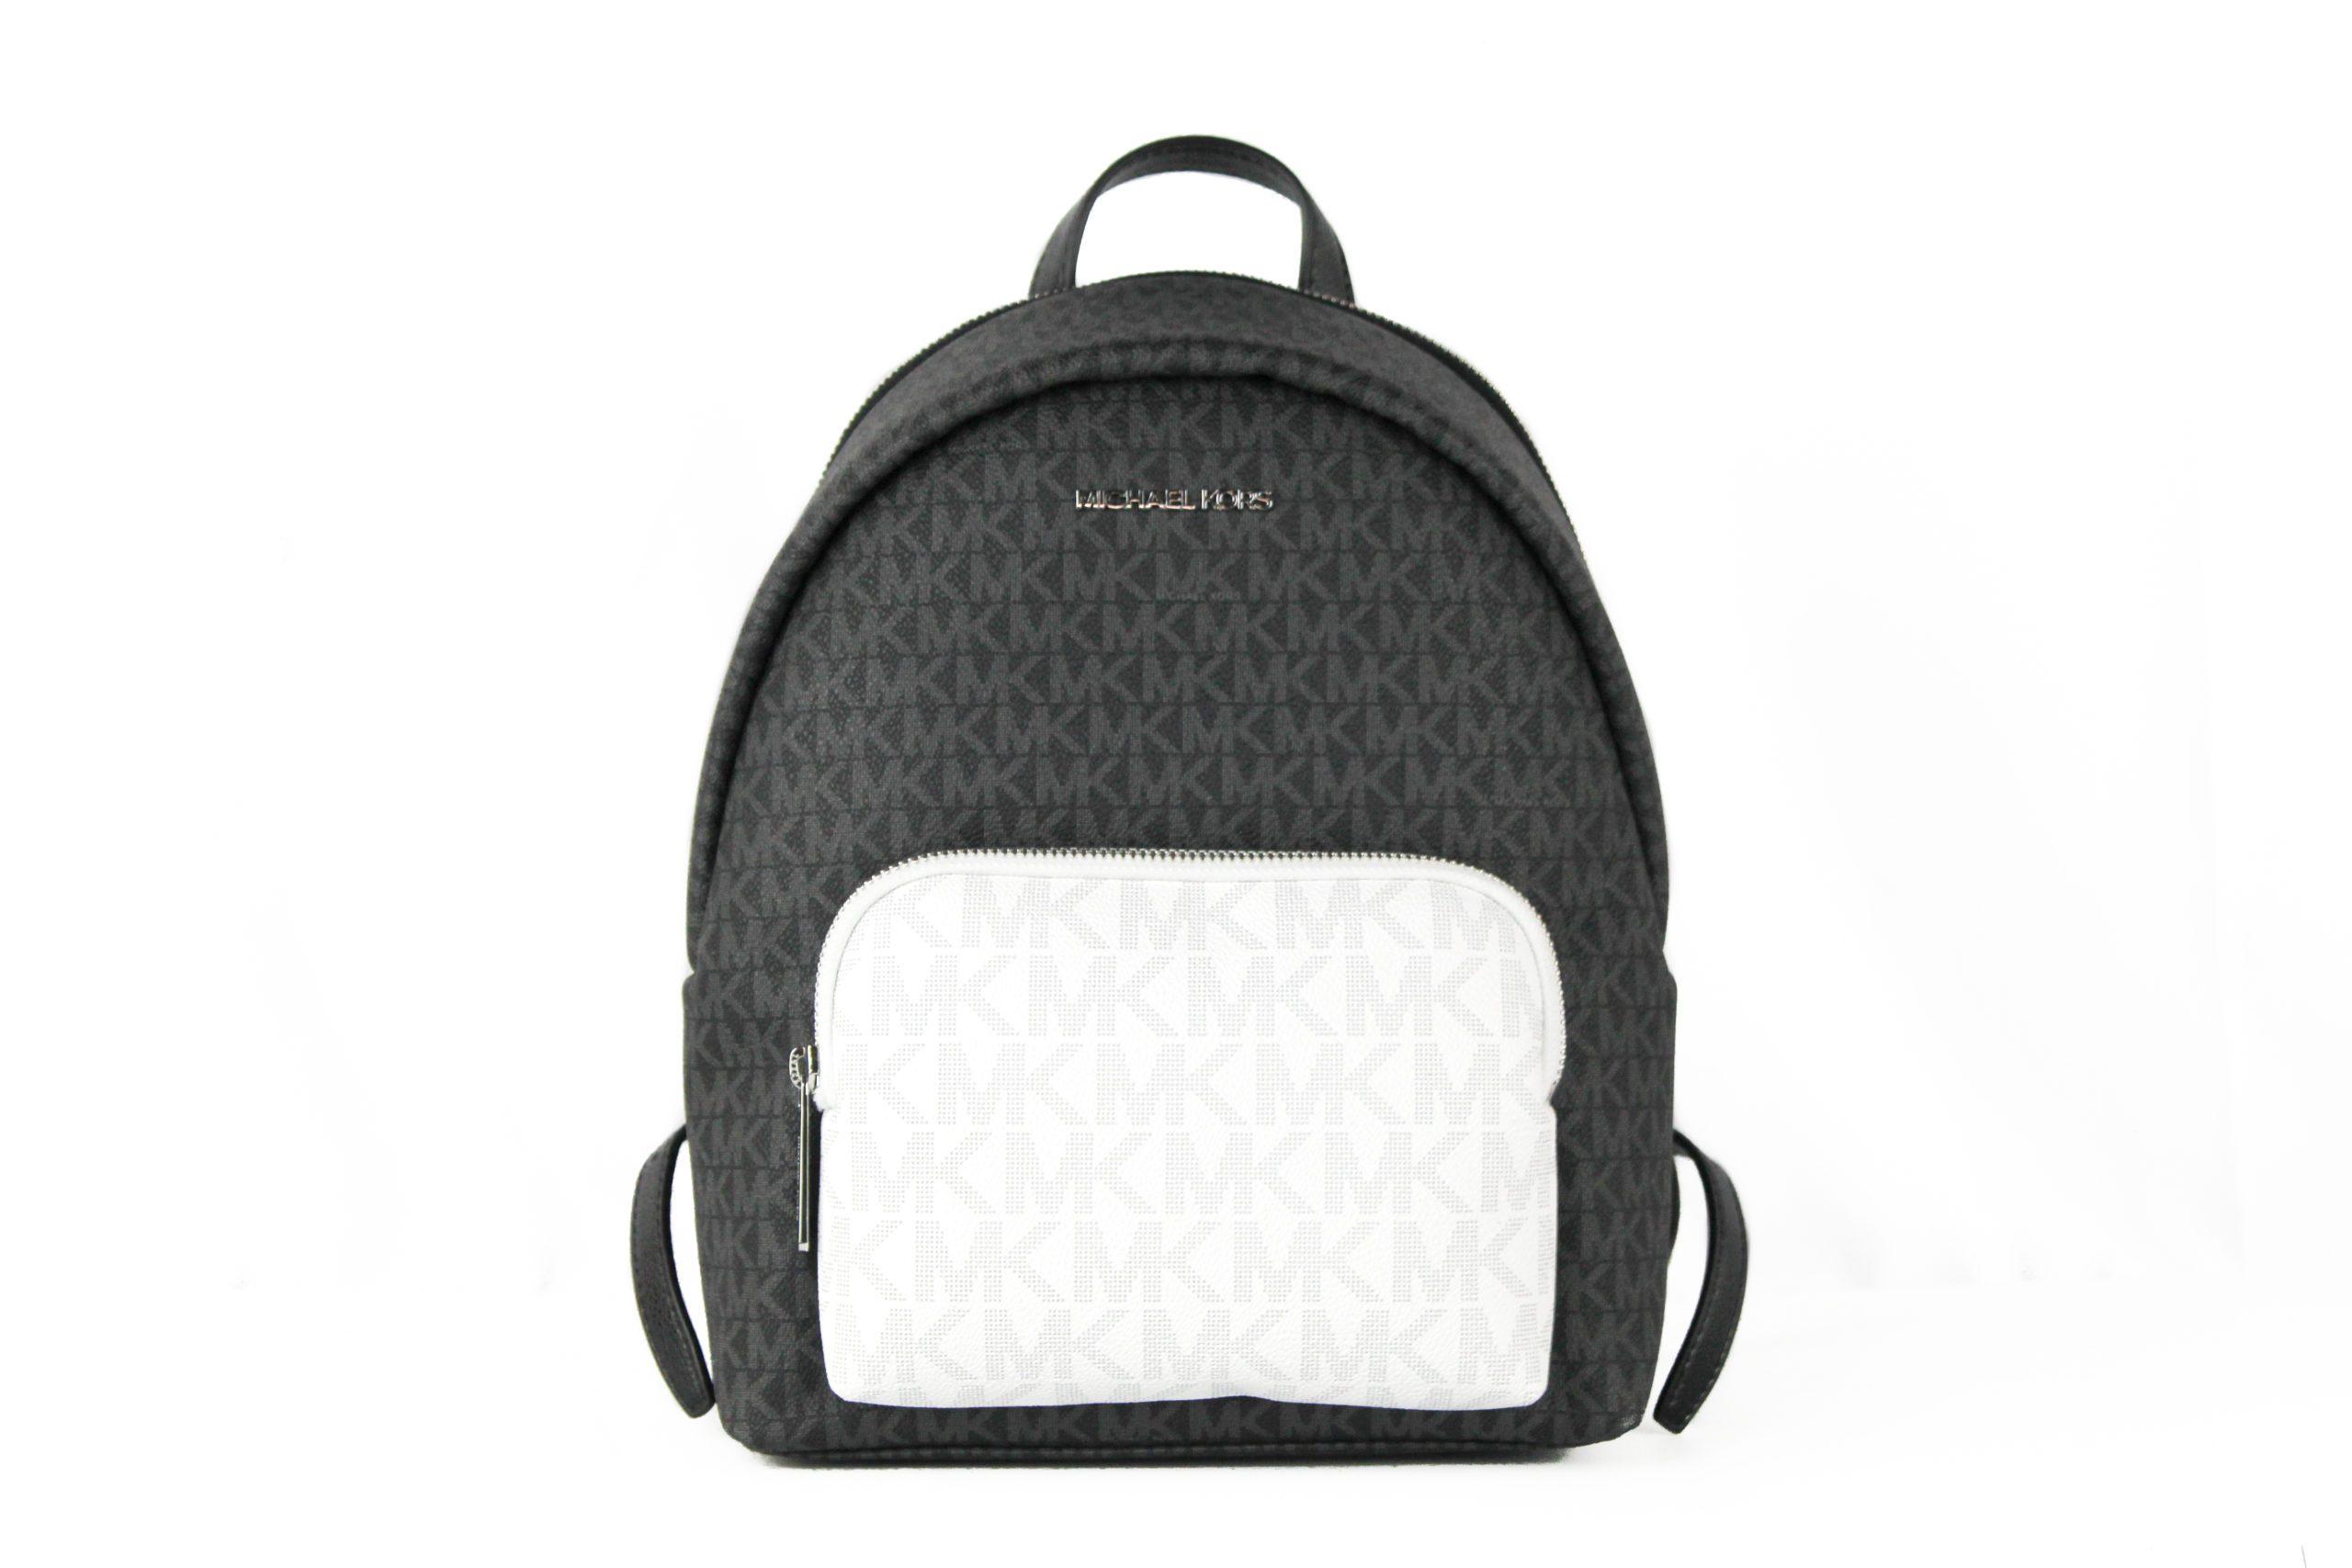 Michael Kors Women's Erin Backpack Black 509074